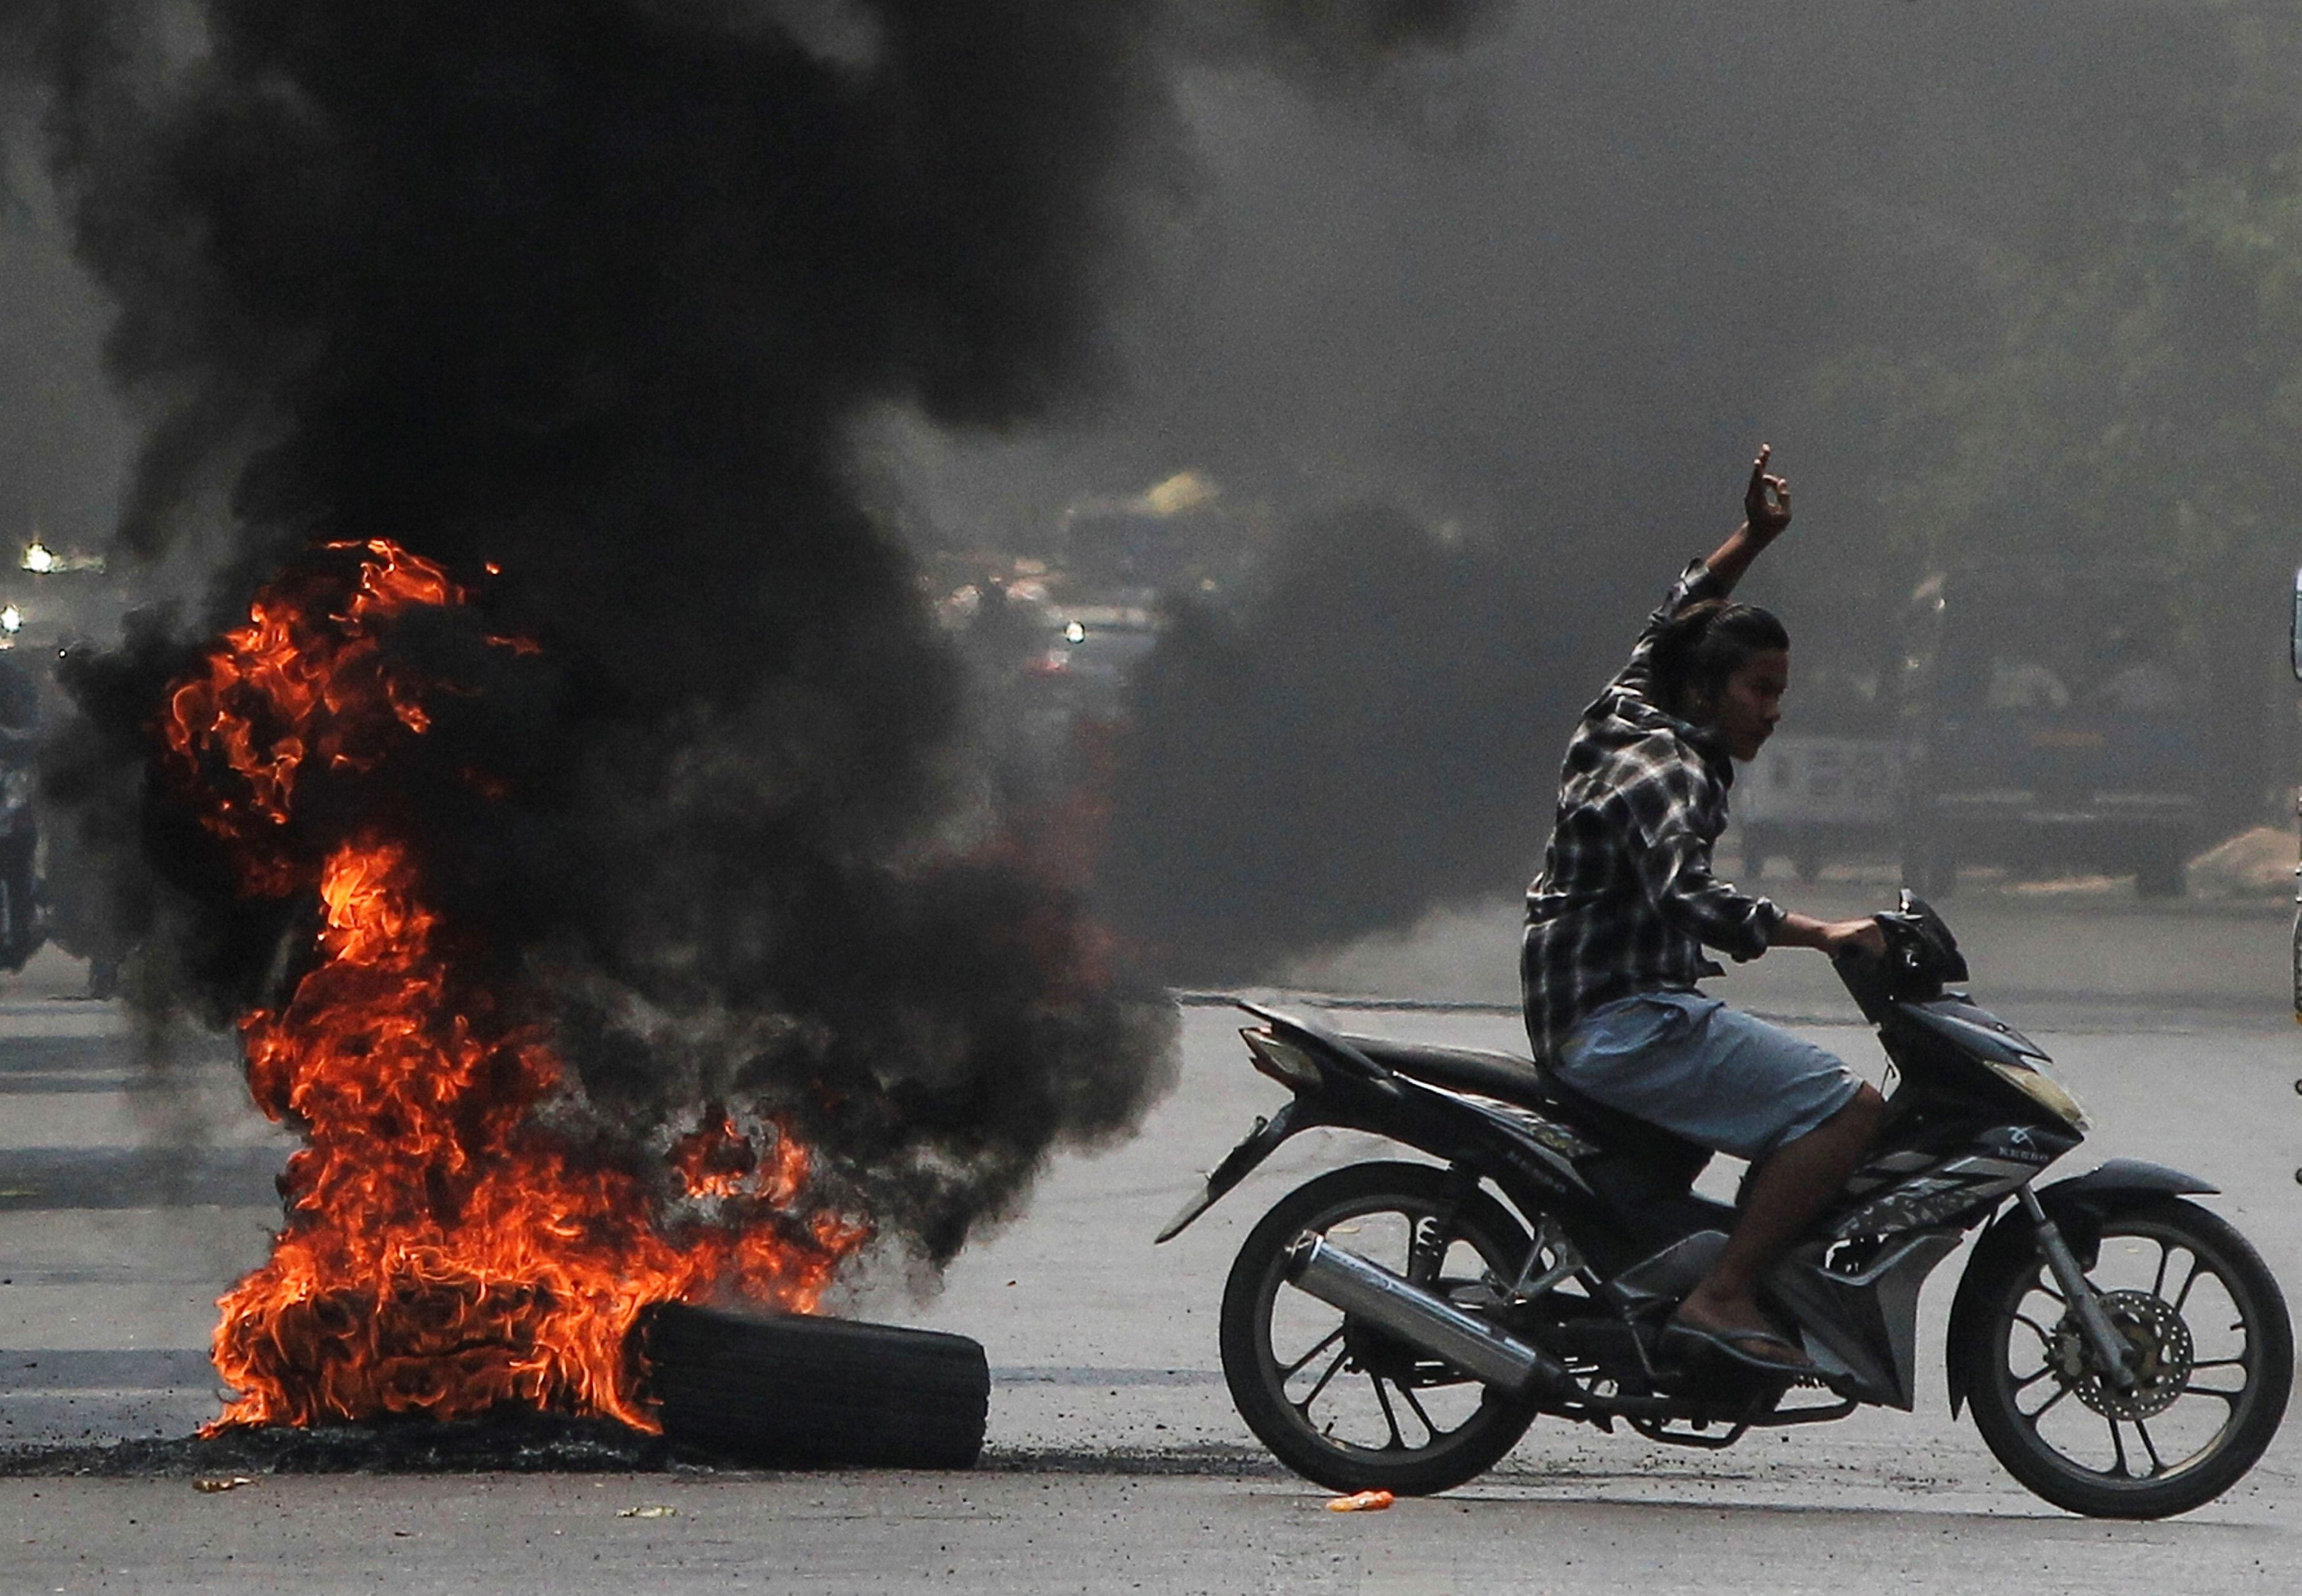 Quema de ruedas y la constitución de 2008, Mandalay, Myanmar April 1, 2021. REUTERS/Stringer